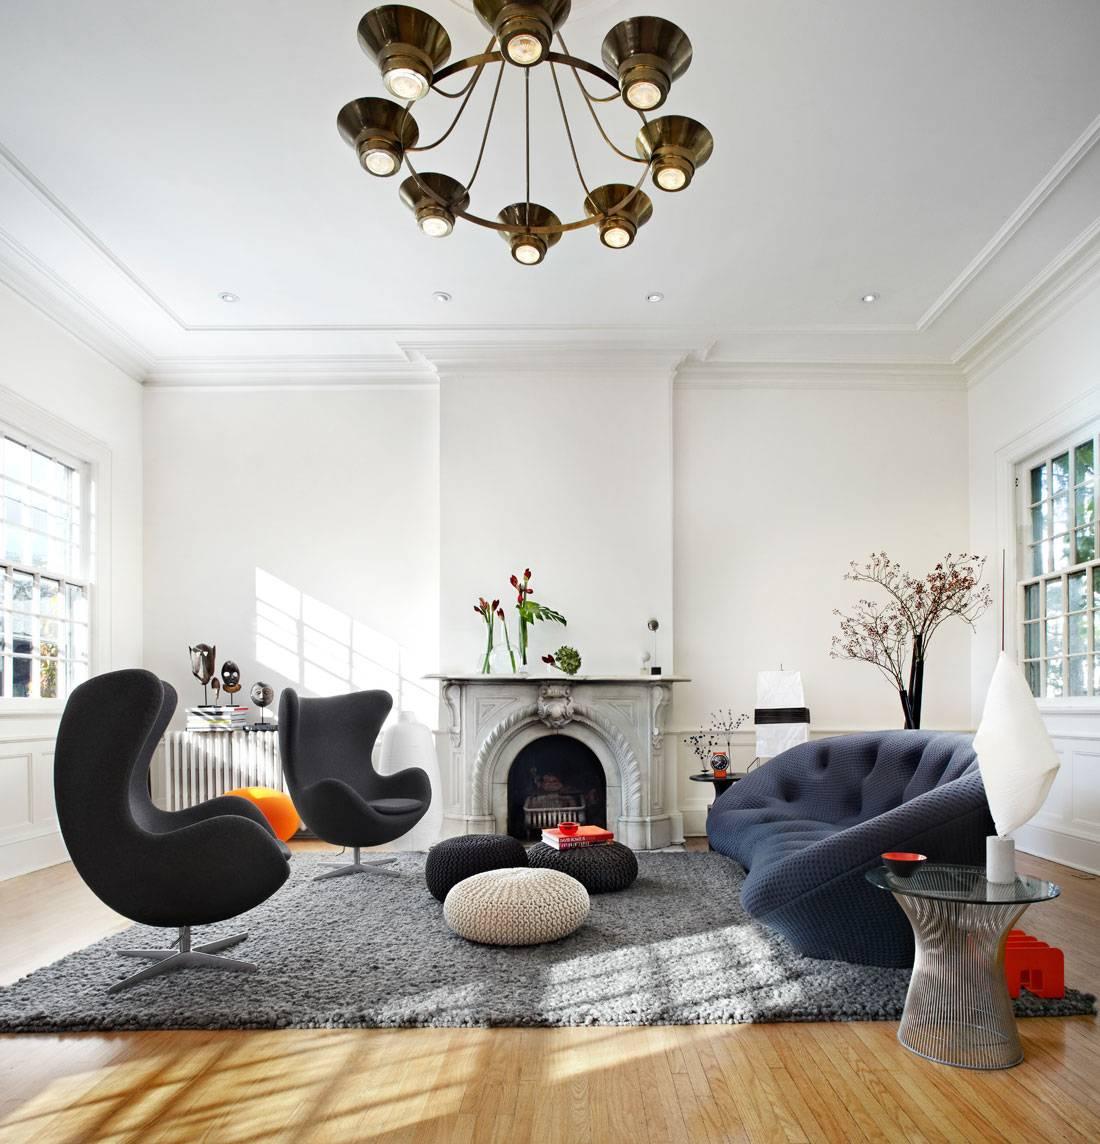 Стиль эклектика в интерьере: выбор цвета, отделки, мебели, текстиля, освещения и декора